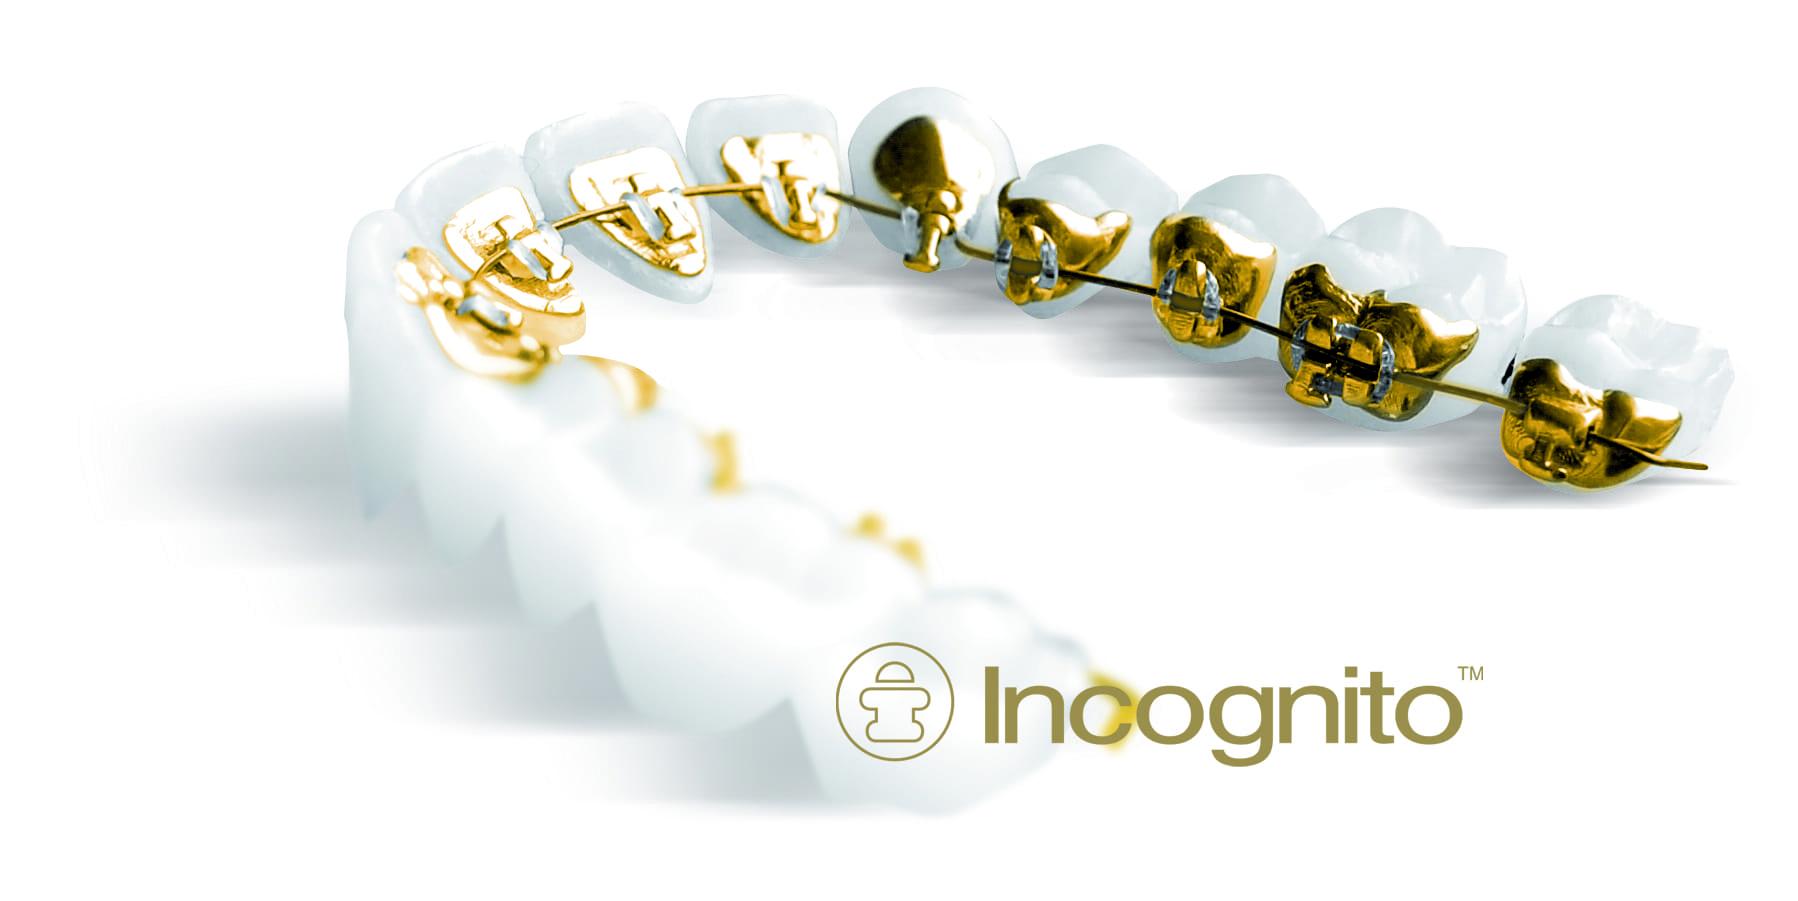 3M Incognito